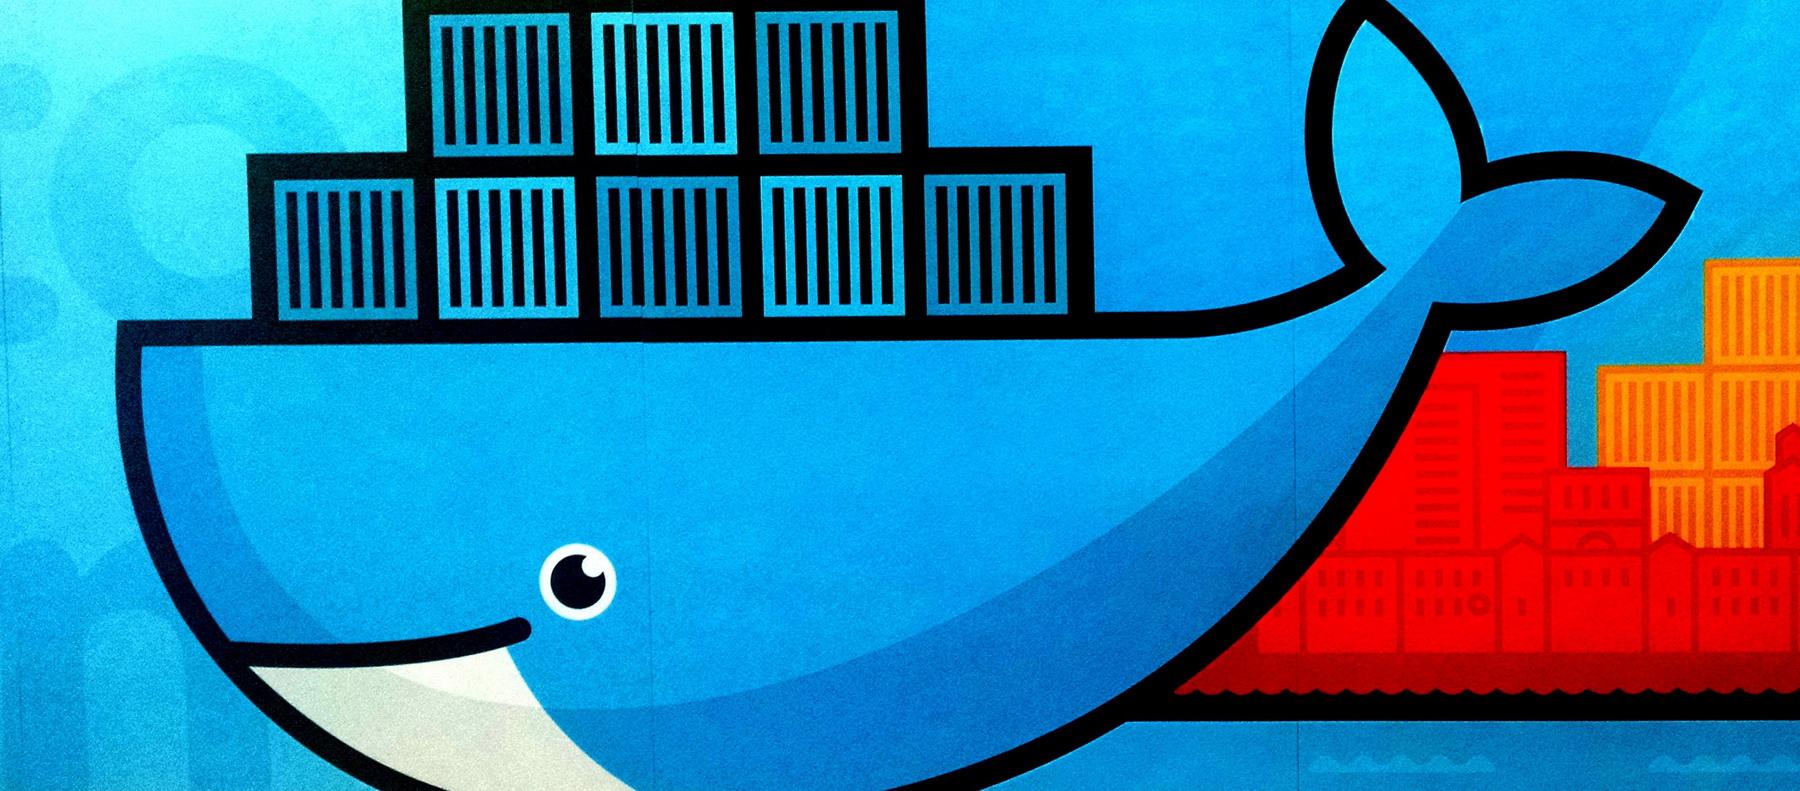 Анализ 4 000 000 Docker-образов показал, что половина из них содержит критические уязвимости